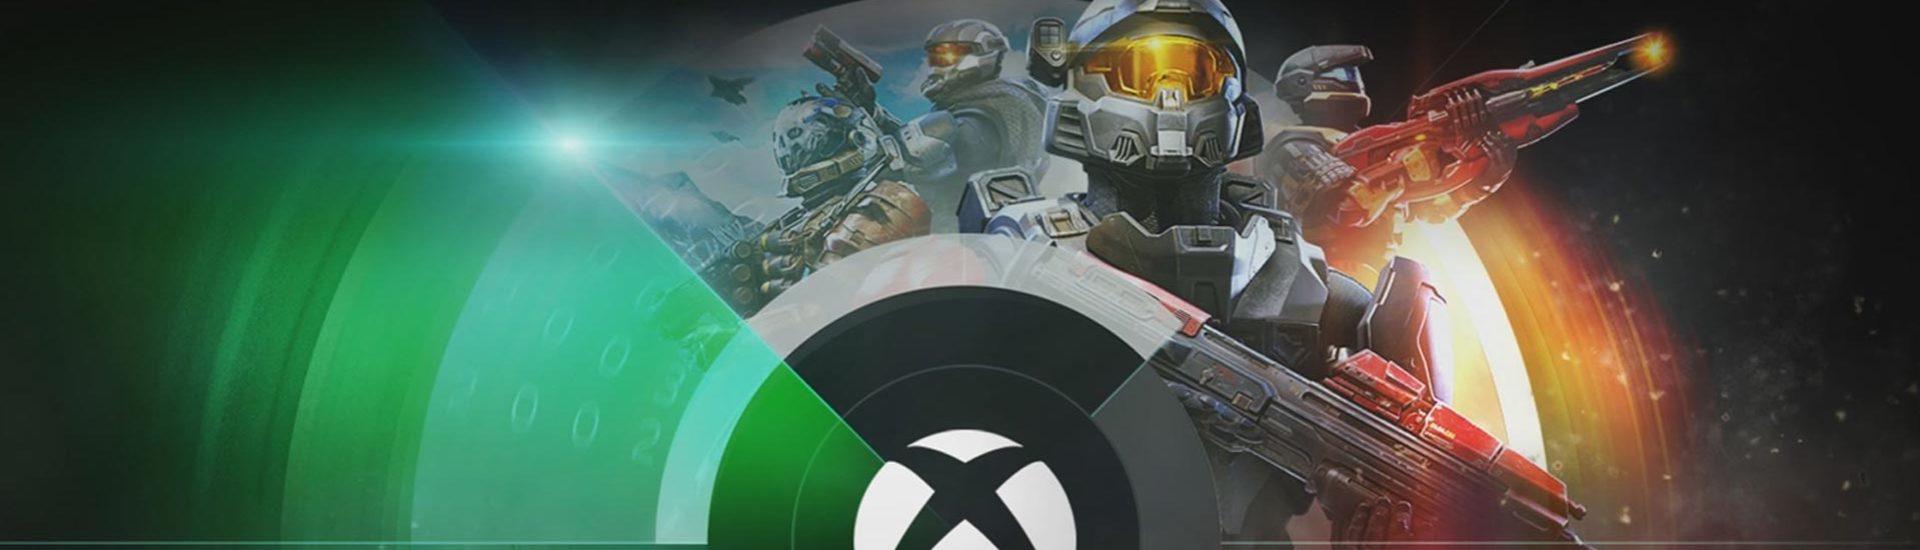 E3: Microsoft/Bethesda – alle Ankündigungen und Trailer im Überblick